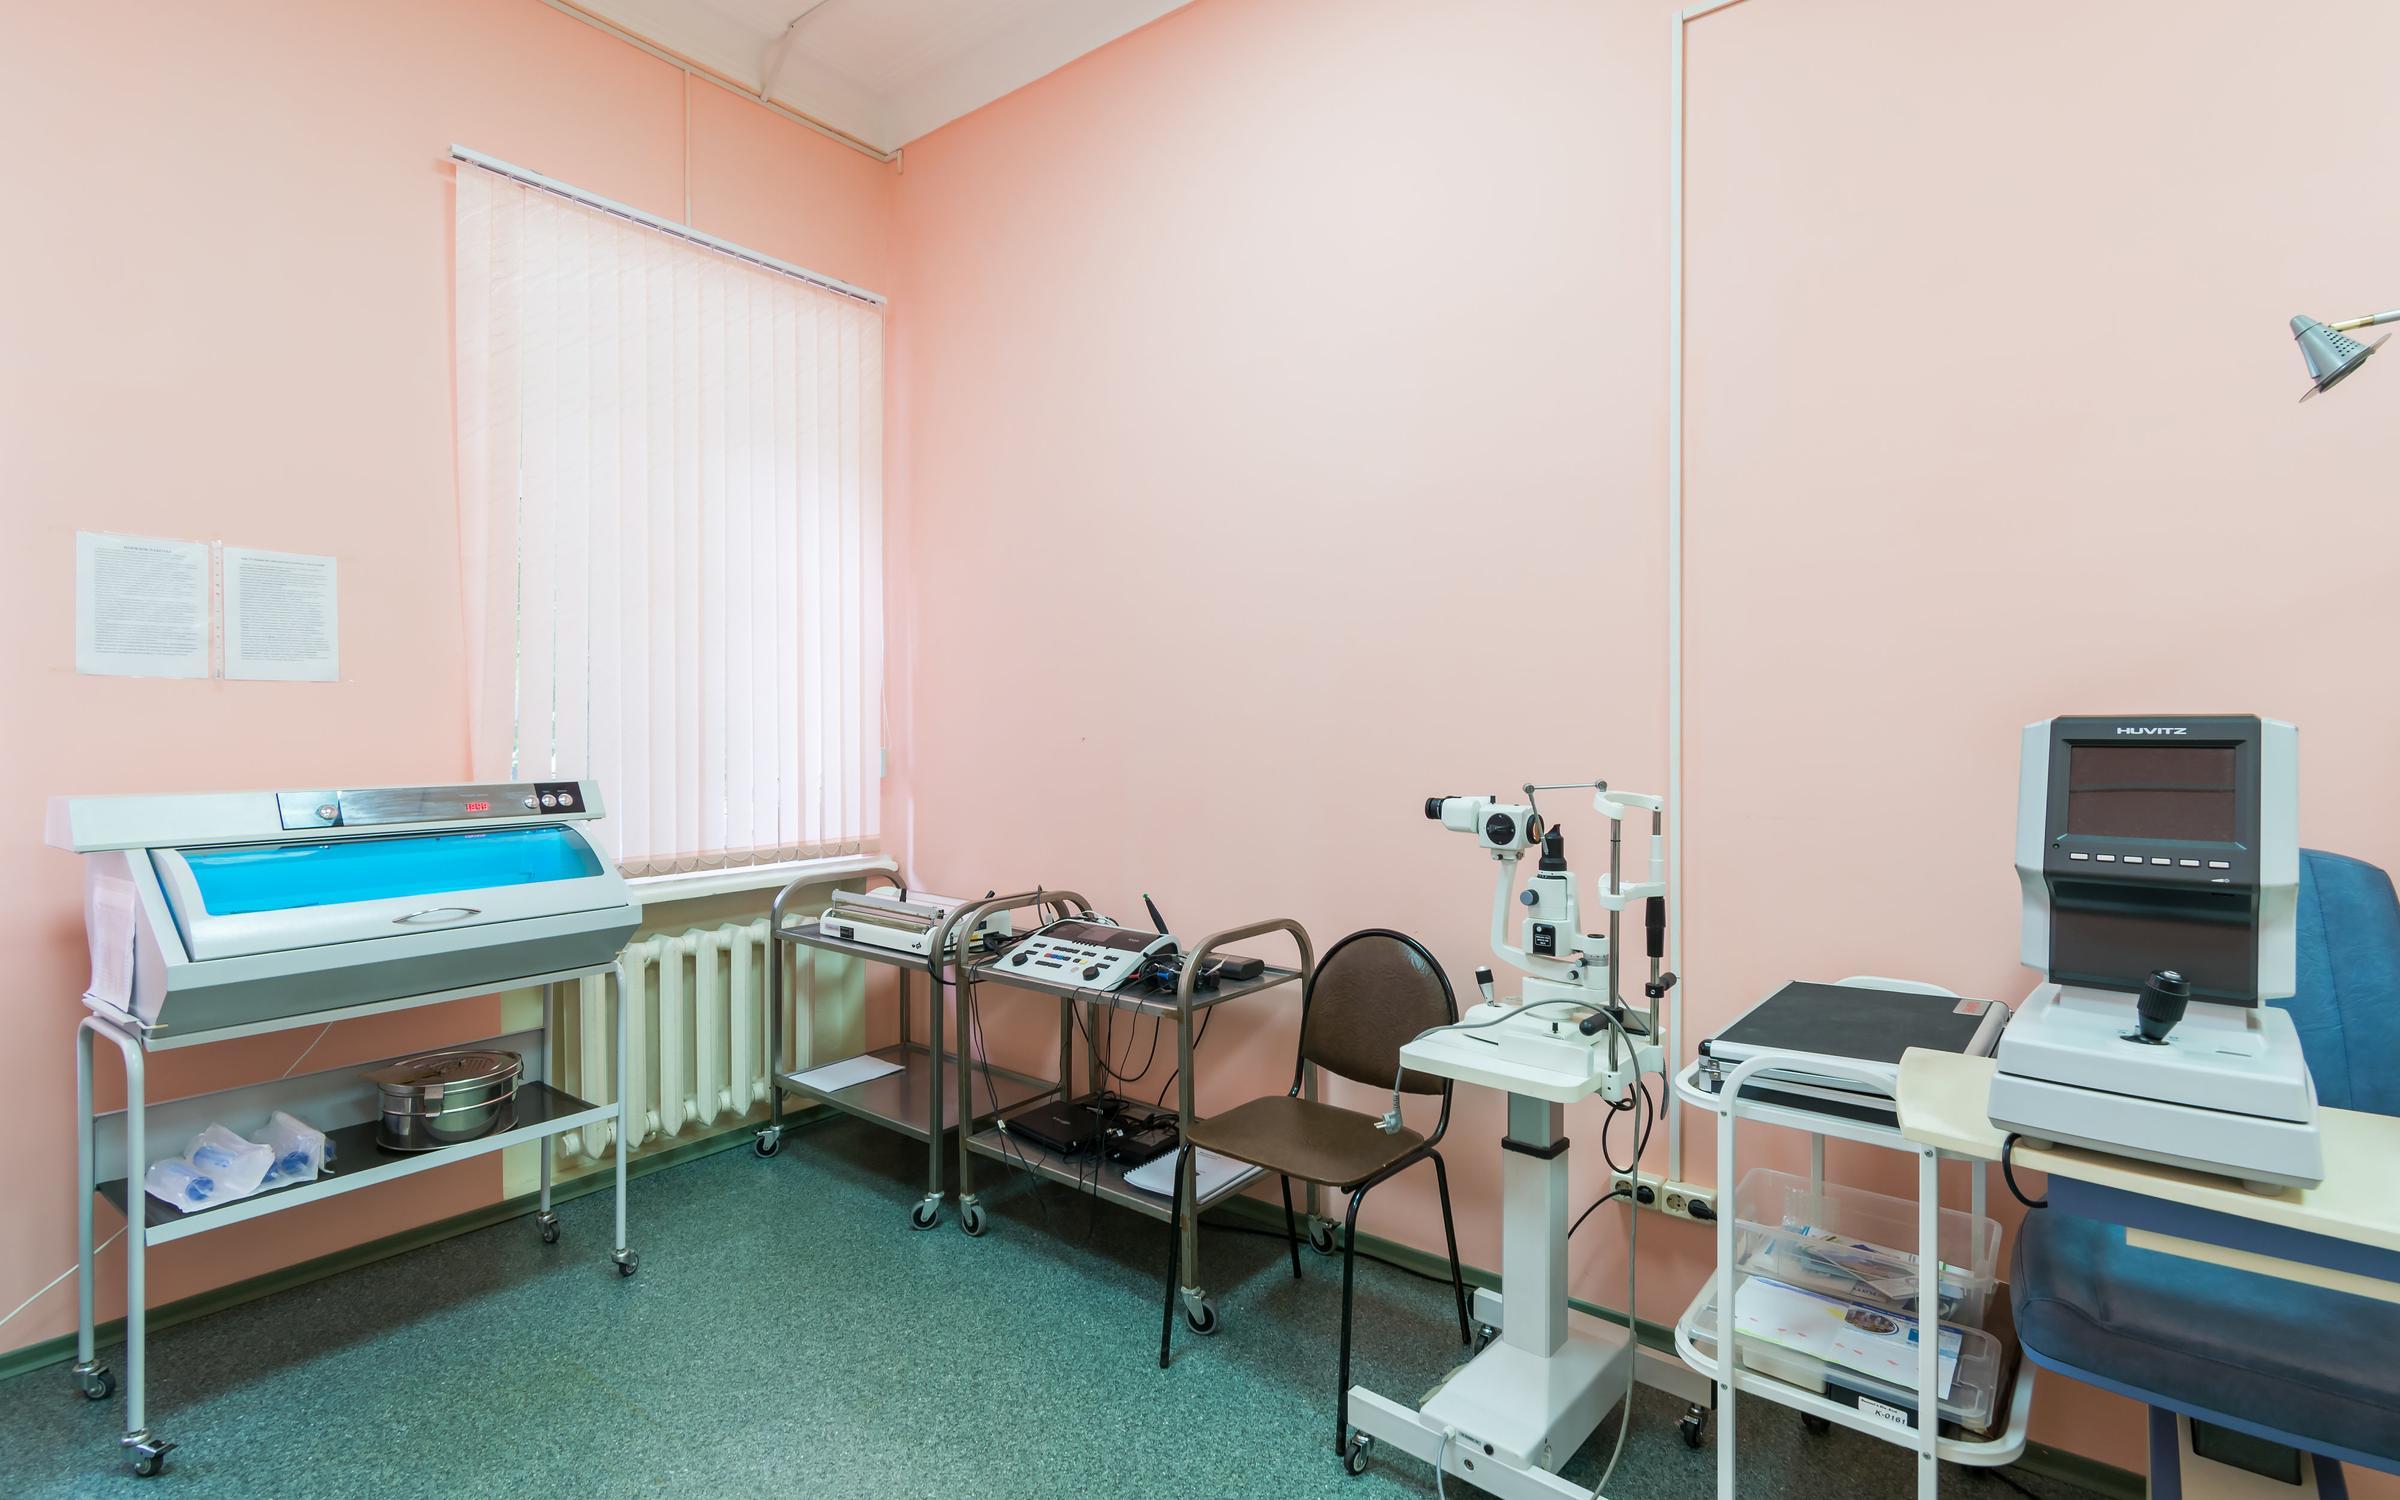 фотография Медицинского центра Диагностики и Лечения на улице Фрунзе в Жуковском